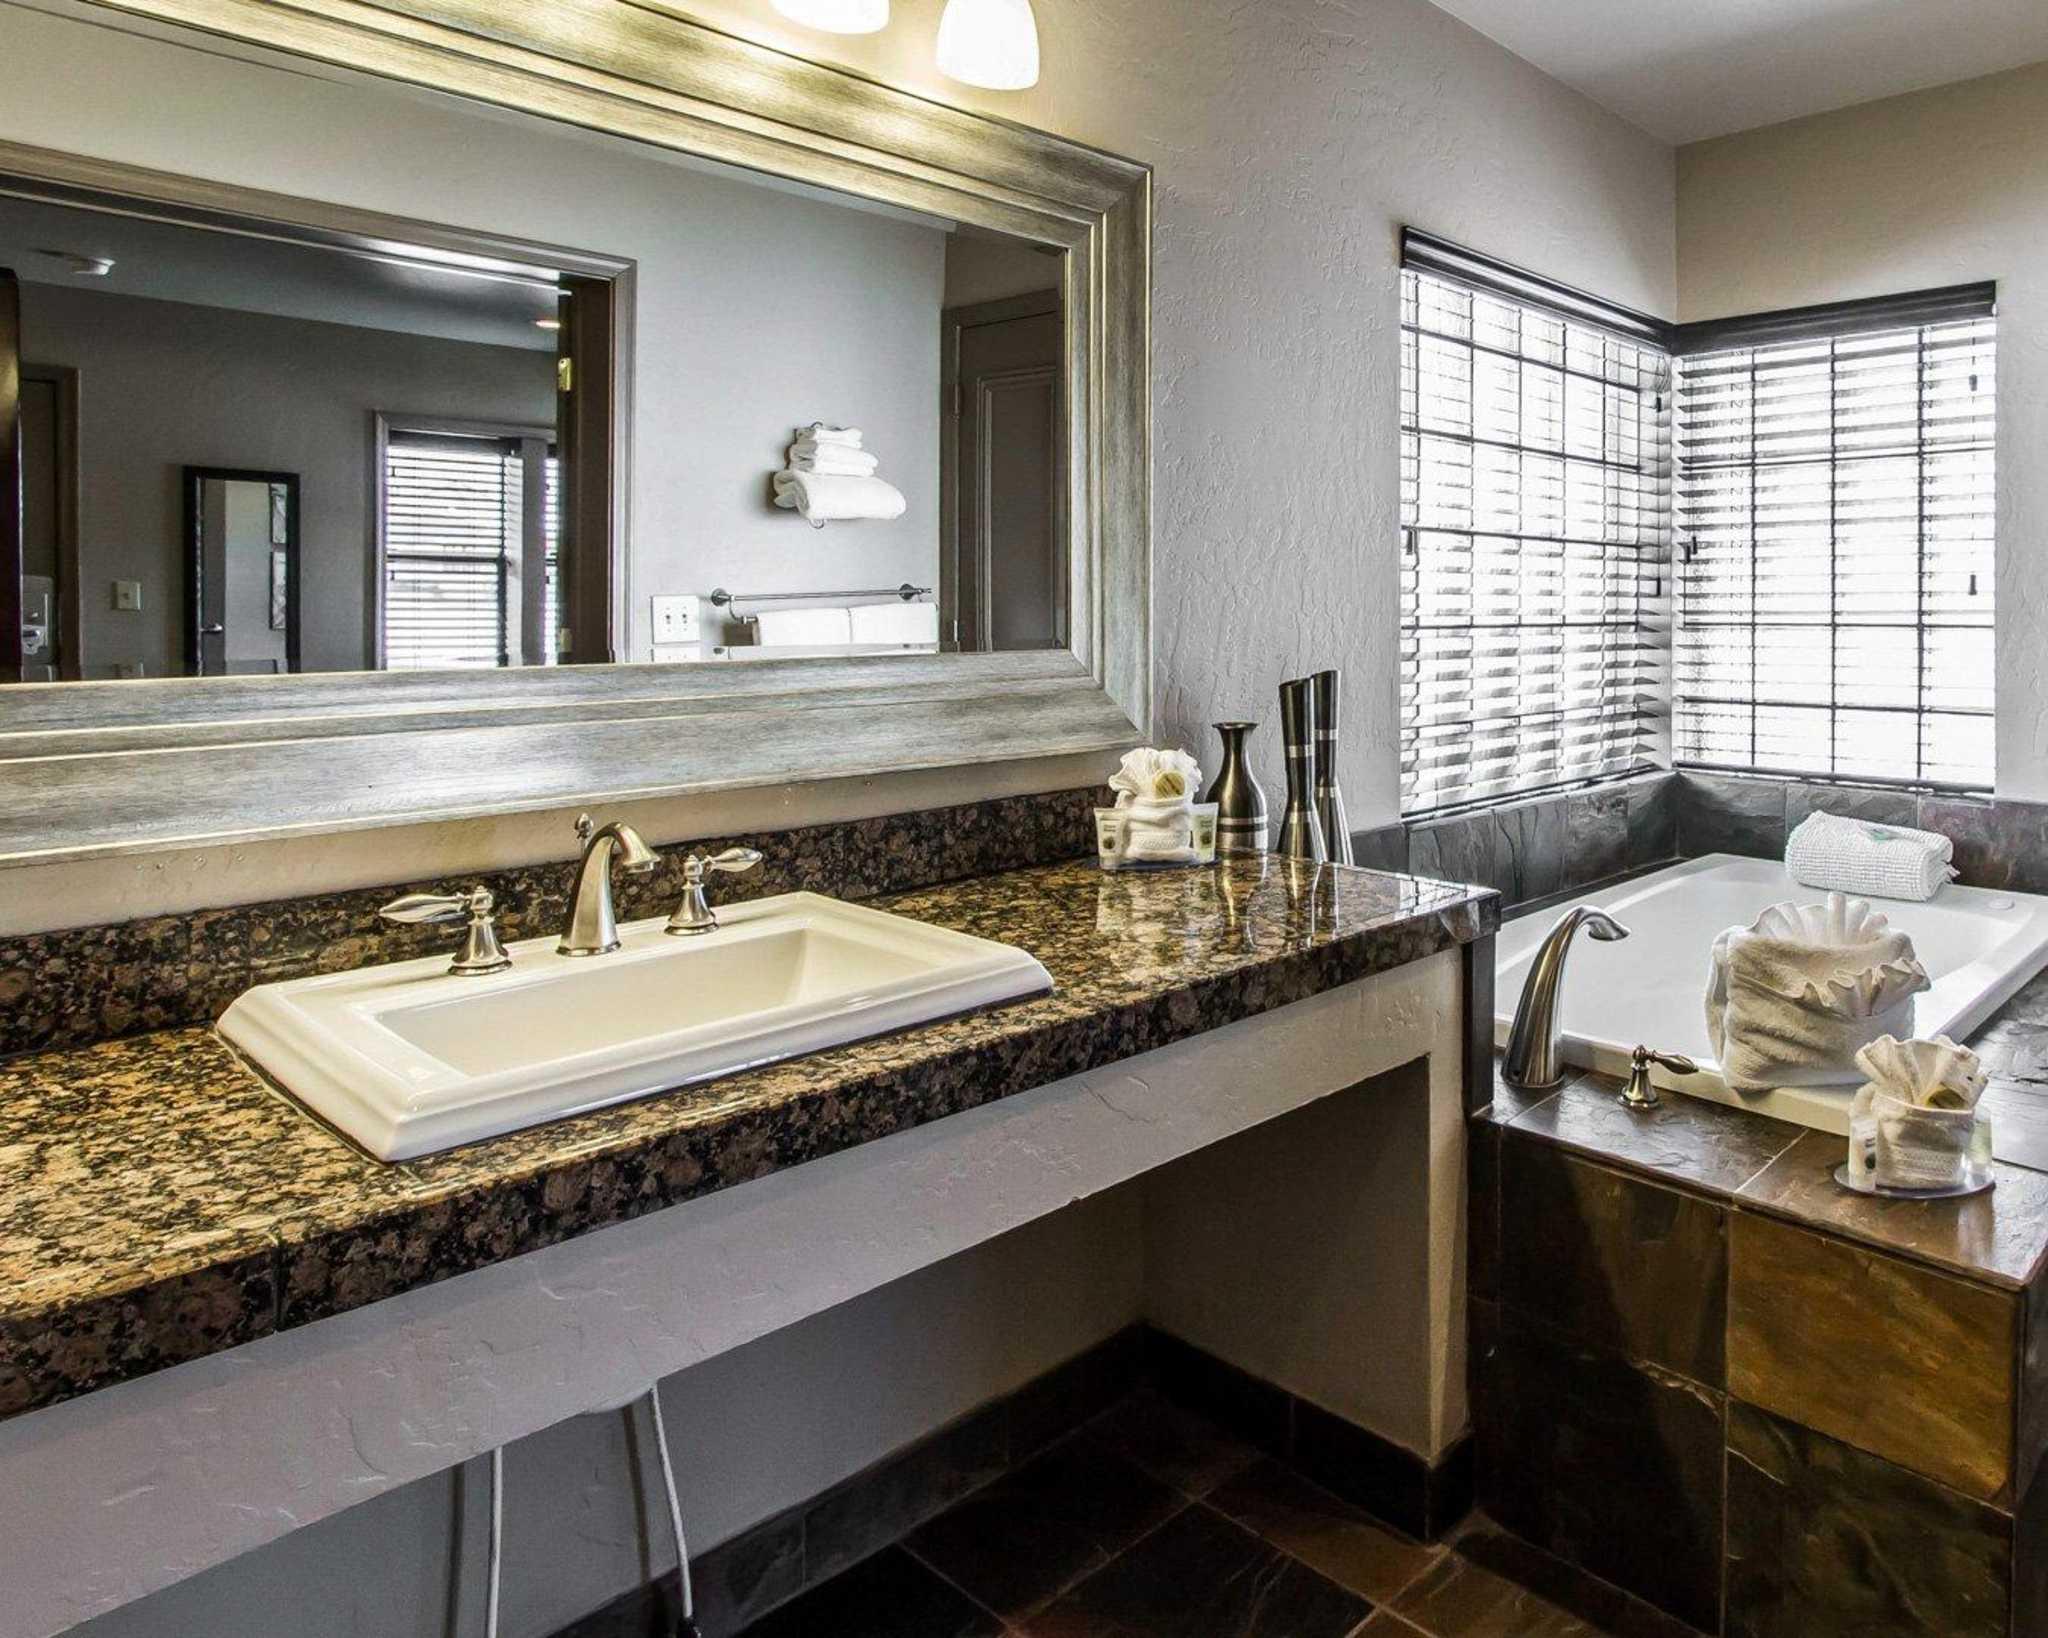 Rodeway Inn & Suites Downtowner-Rte 66 image 30